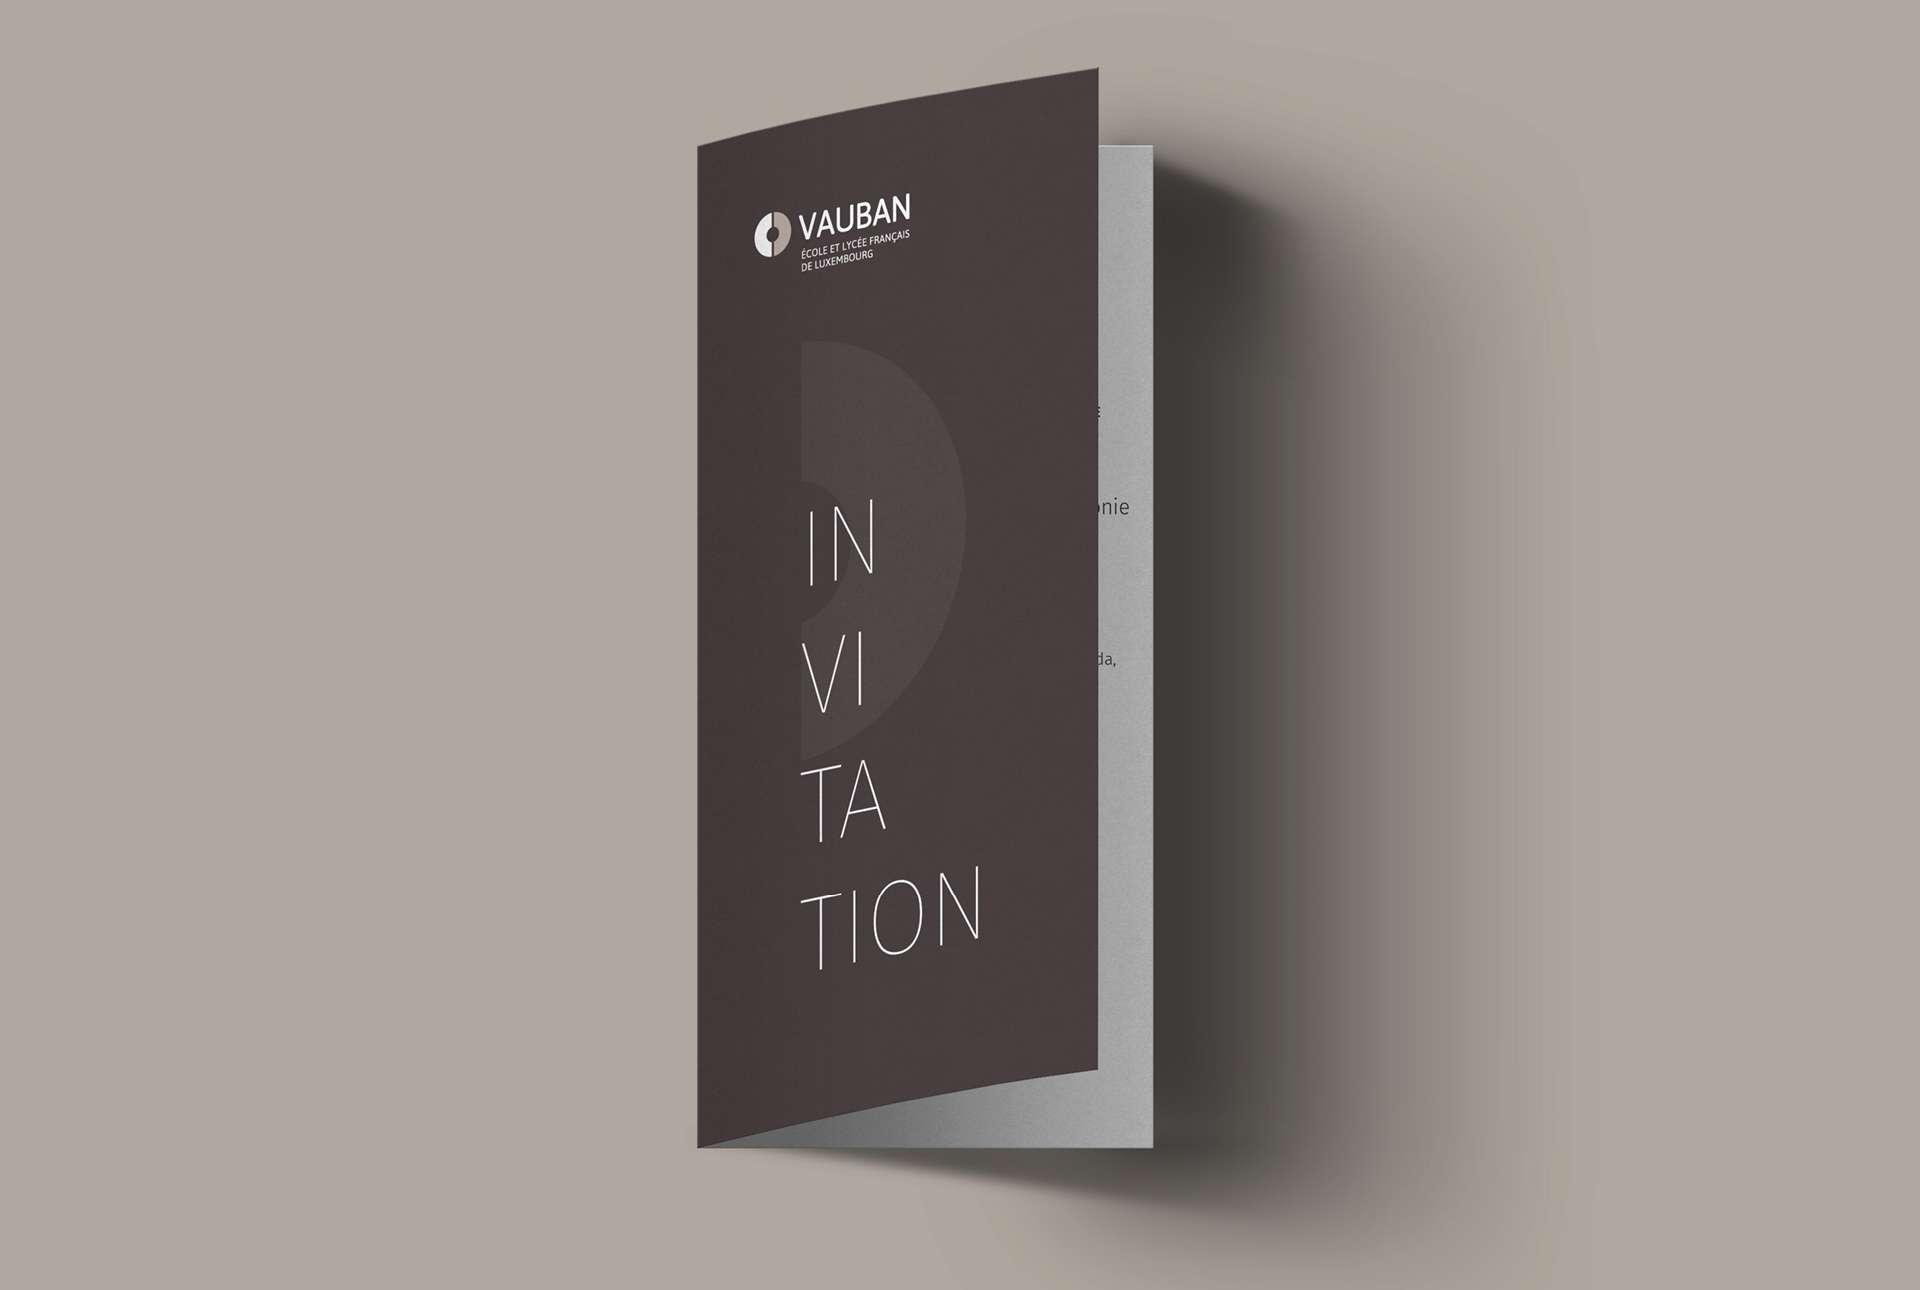 Invitation réalisée dans le cadre de la refonte de l'identité visuelle de Vauban